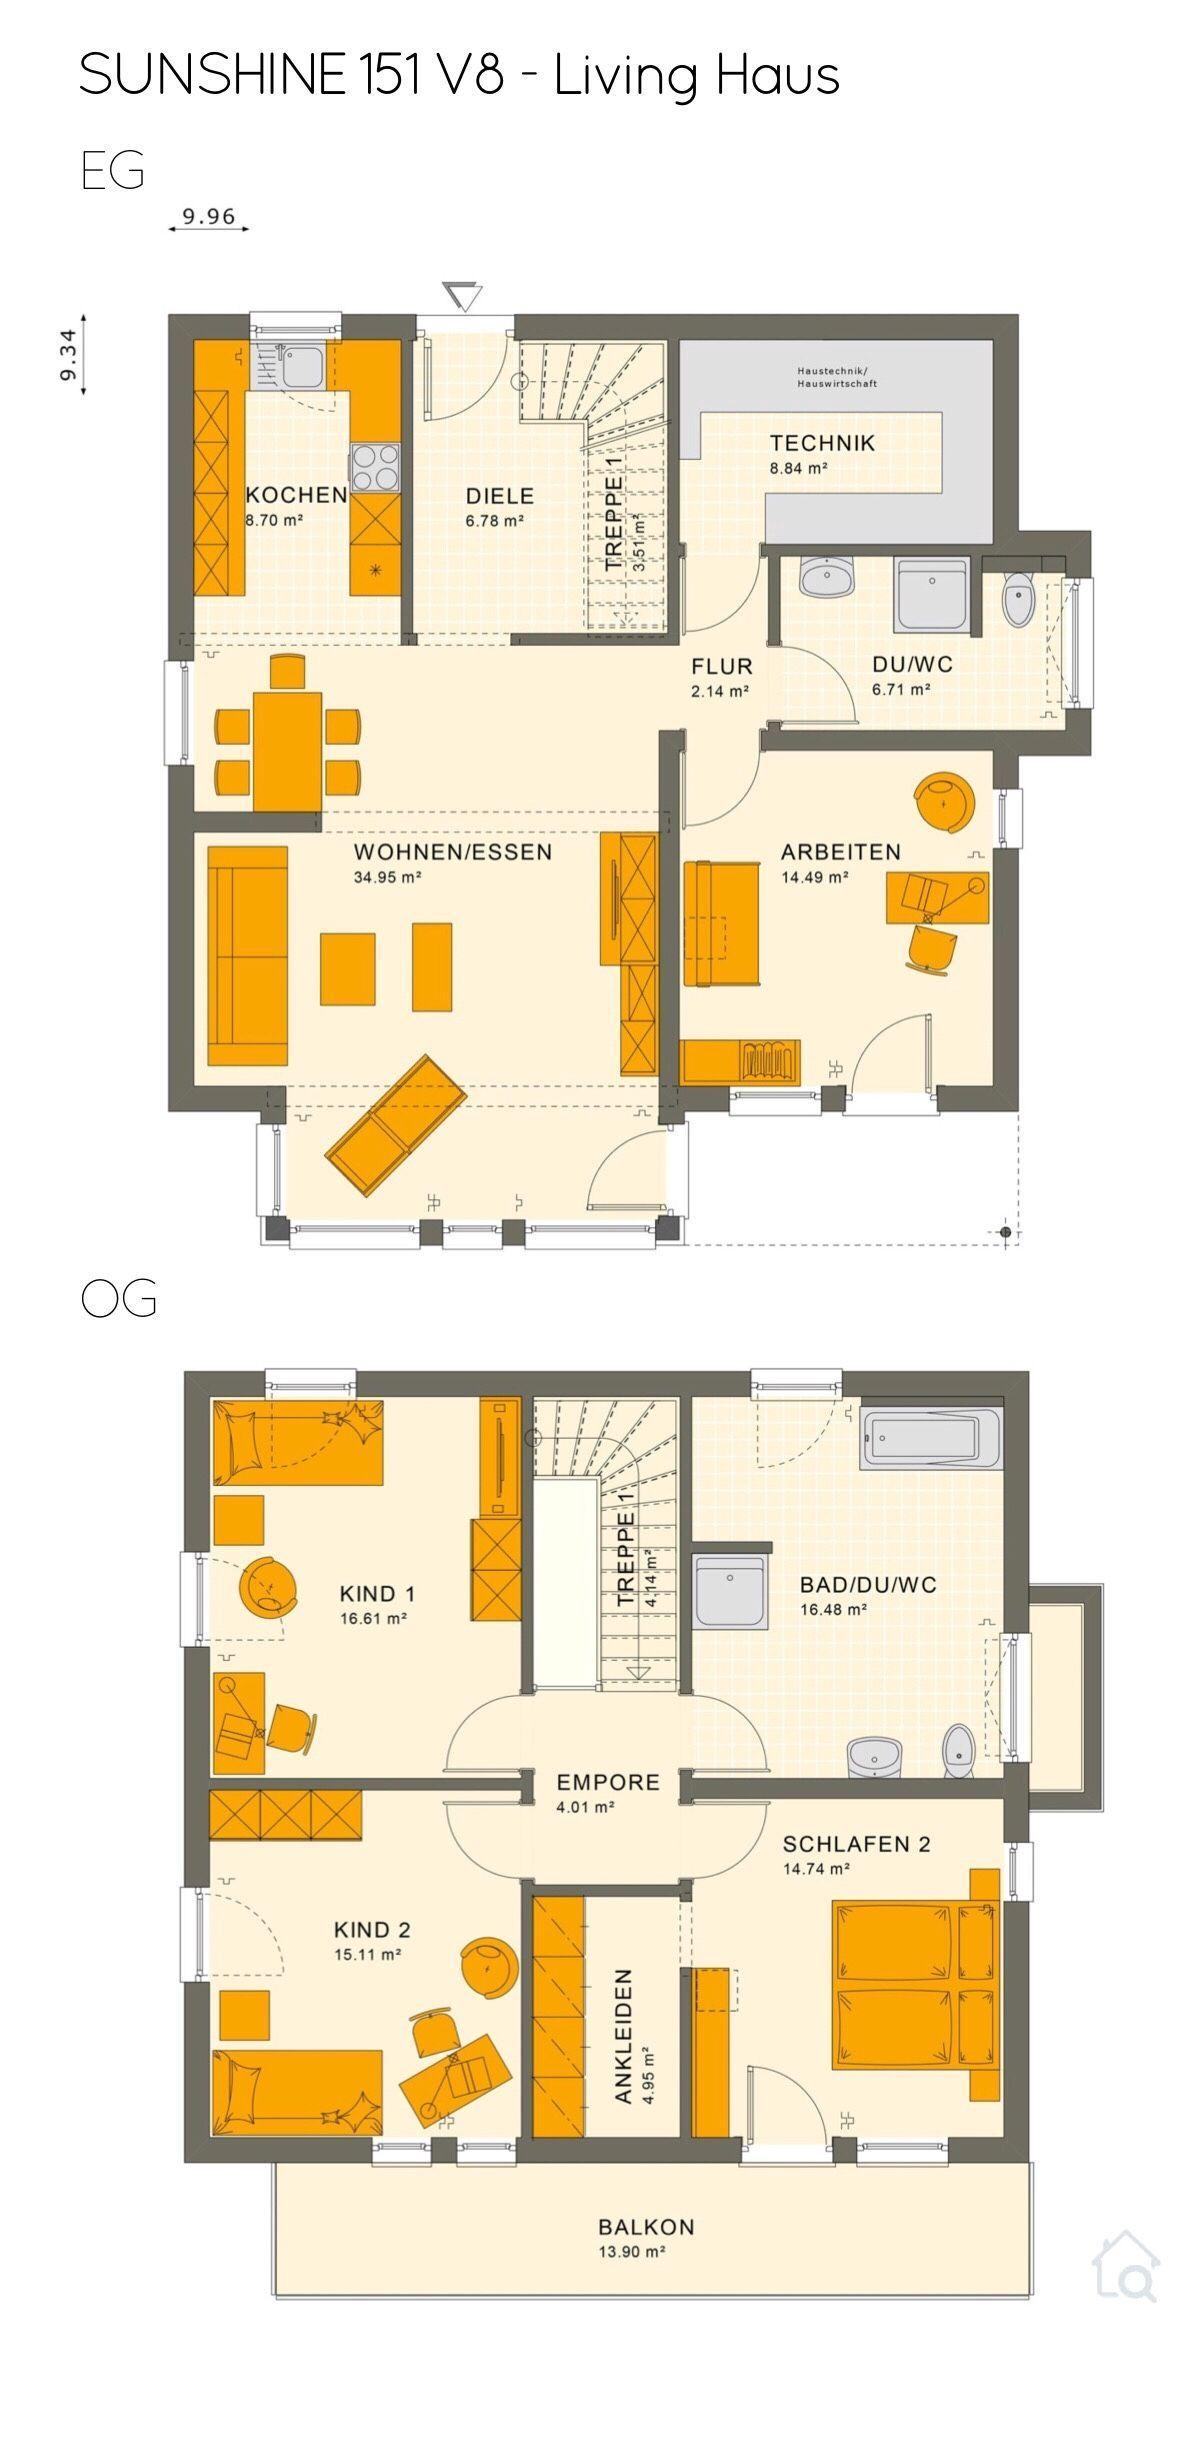 Grundriss Stadtvilla modern mit Flachdach 5 Zimmer, 150